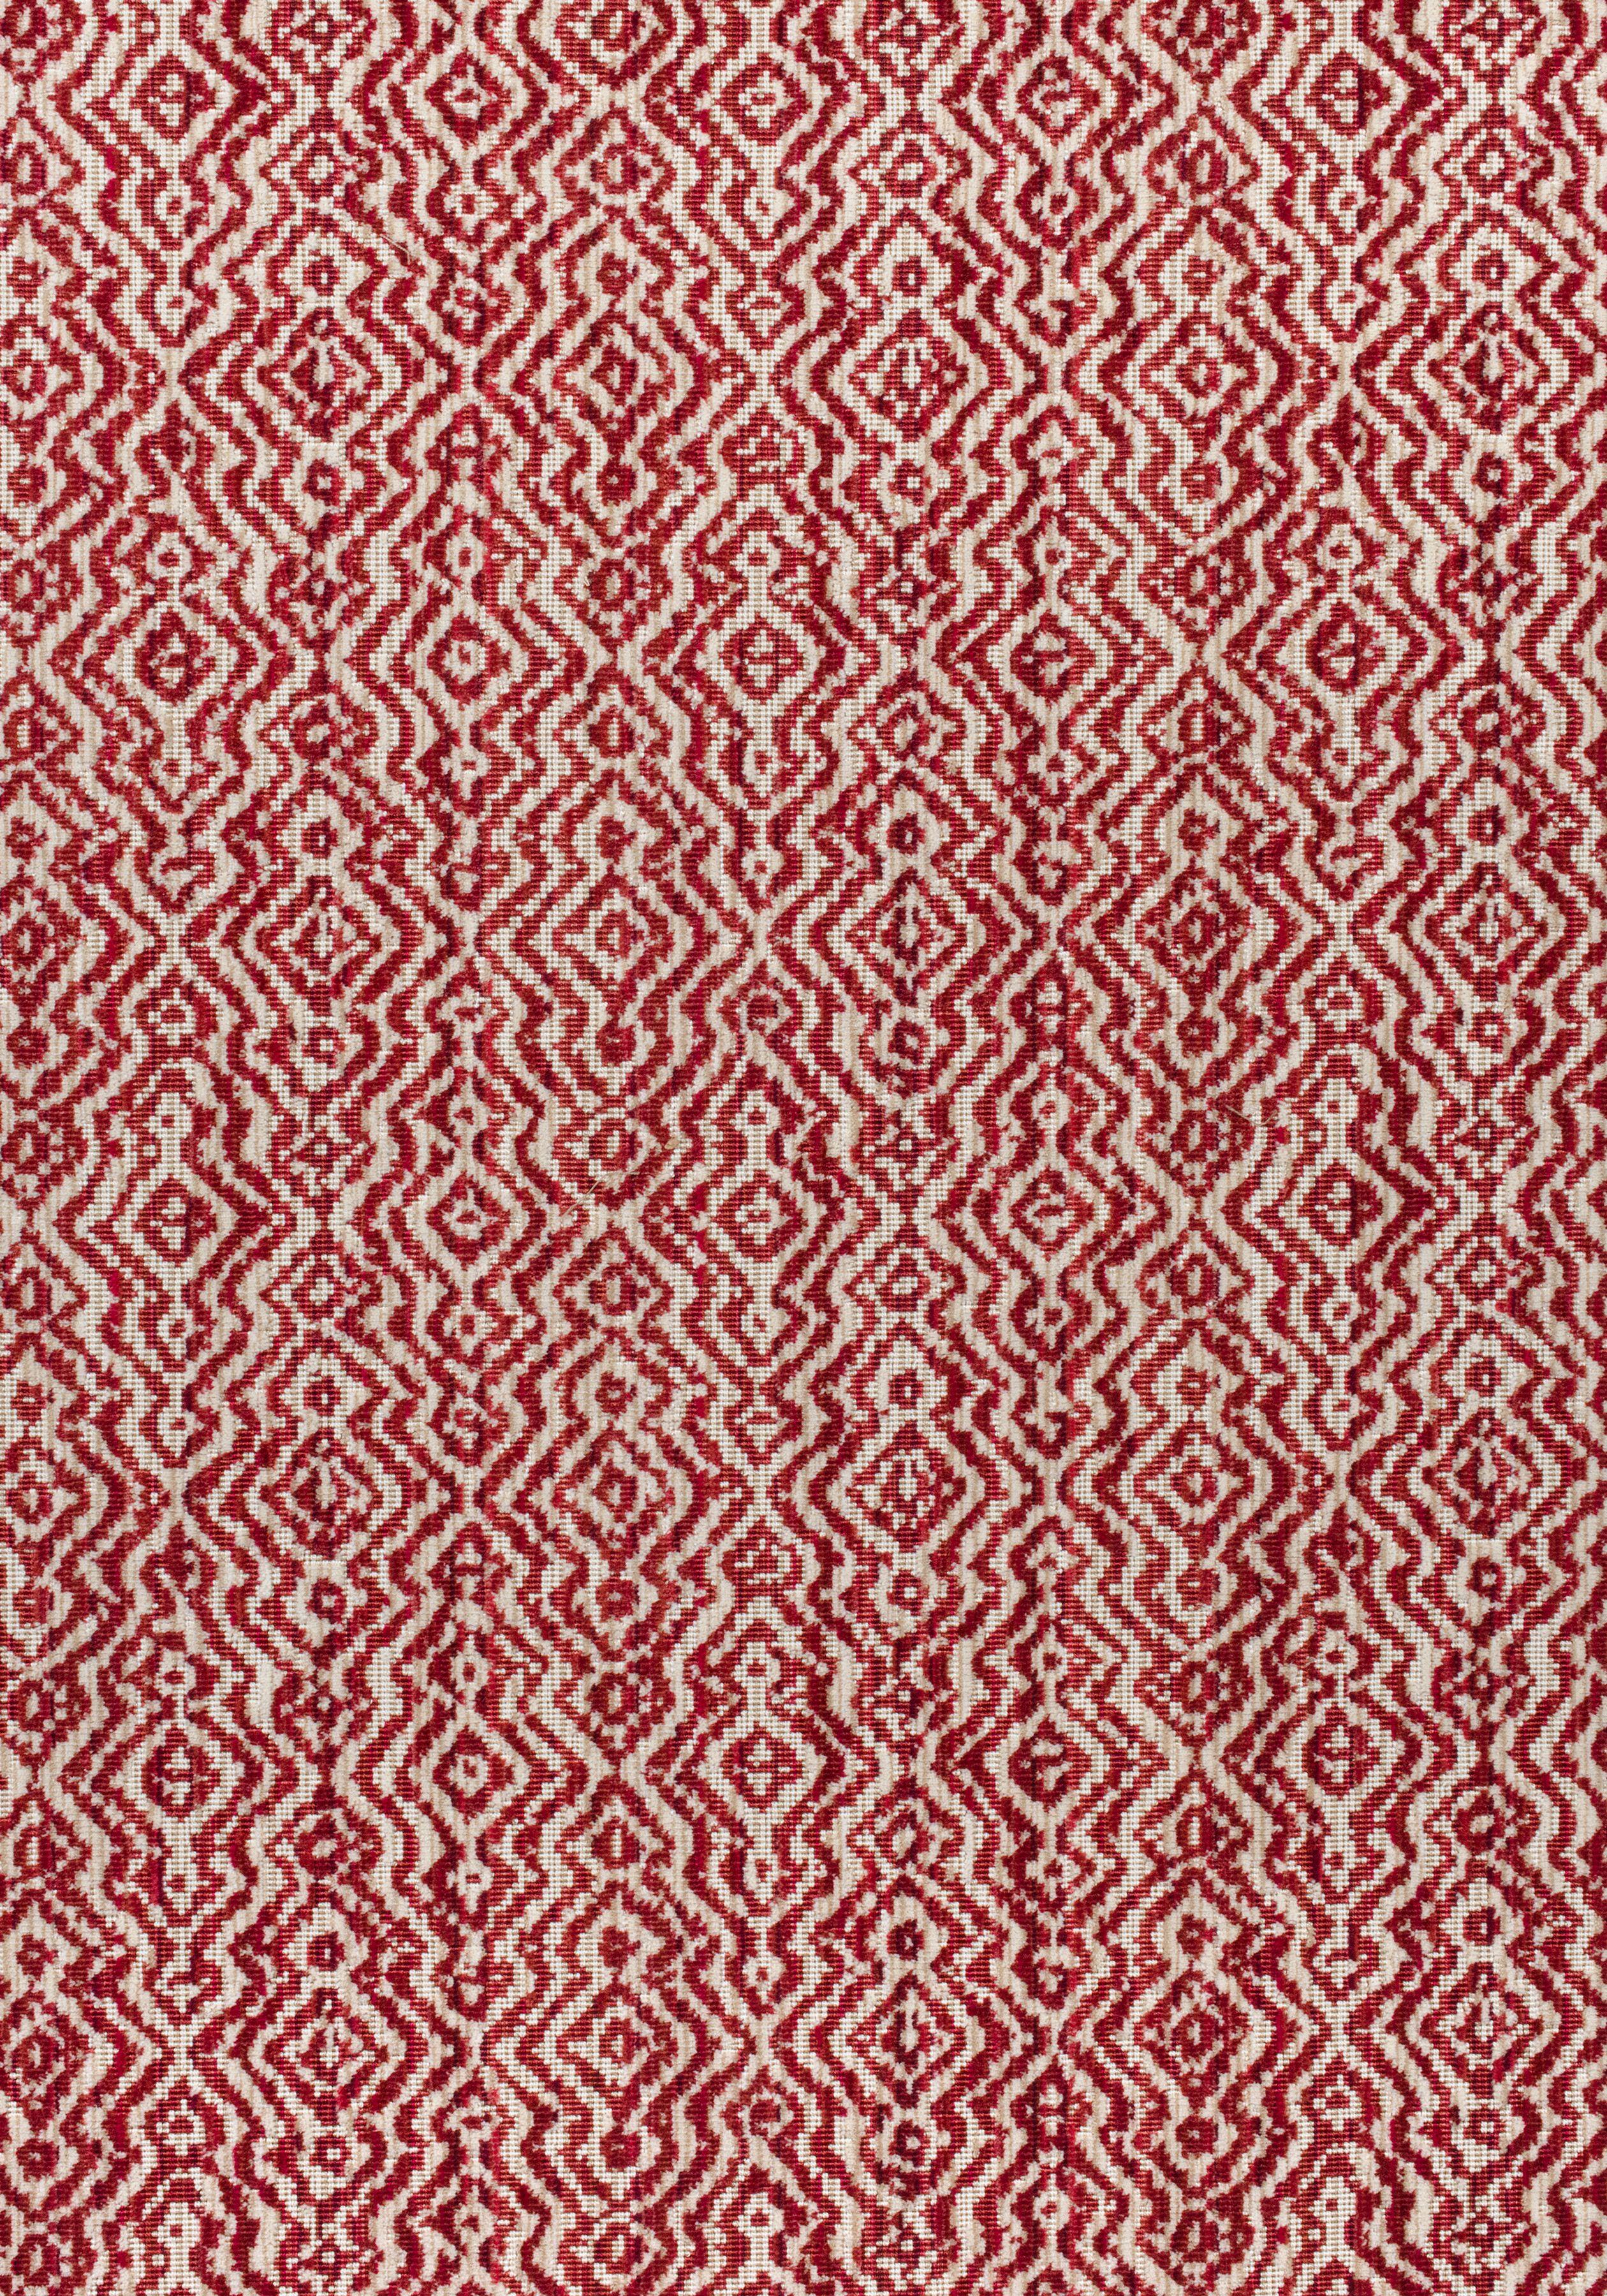 Anastasia Cardinal W80690 Collection Woven Resource 11 Rialto